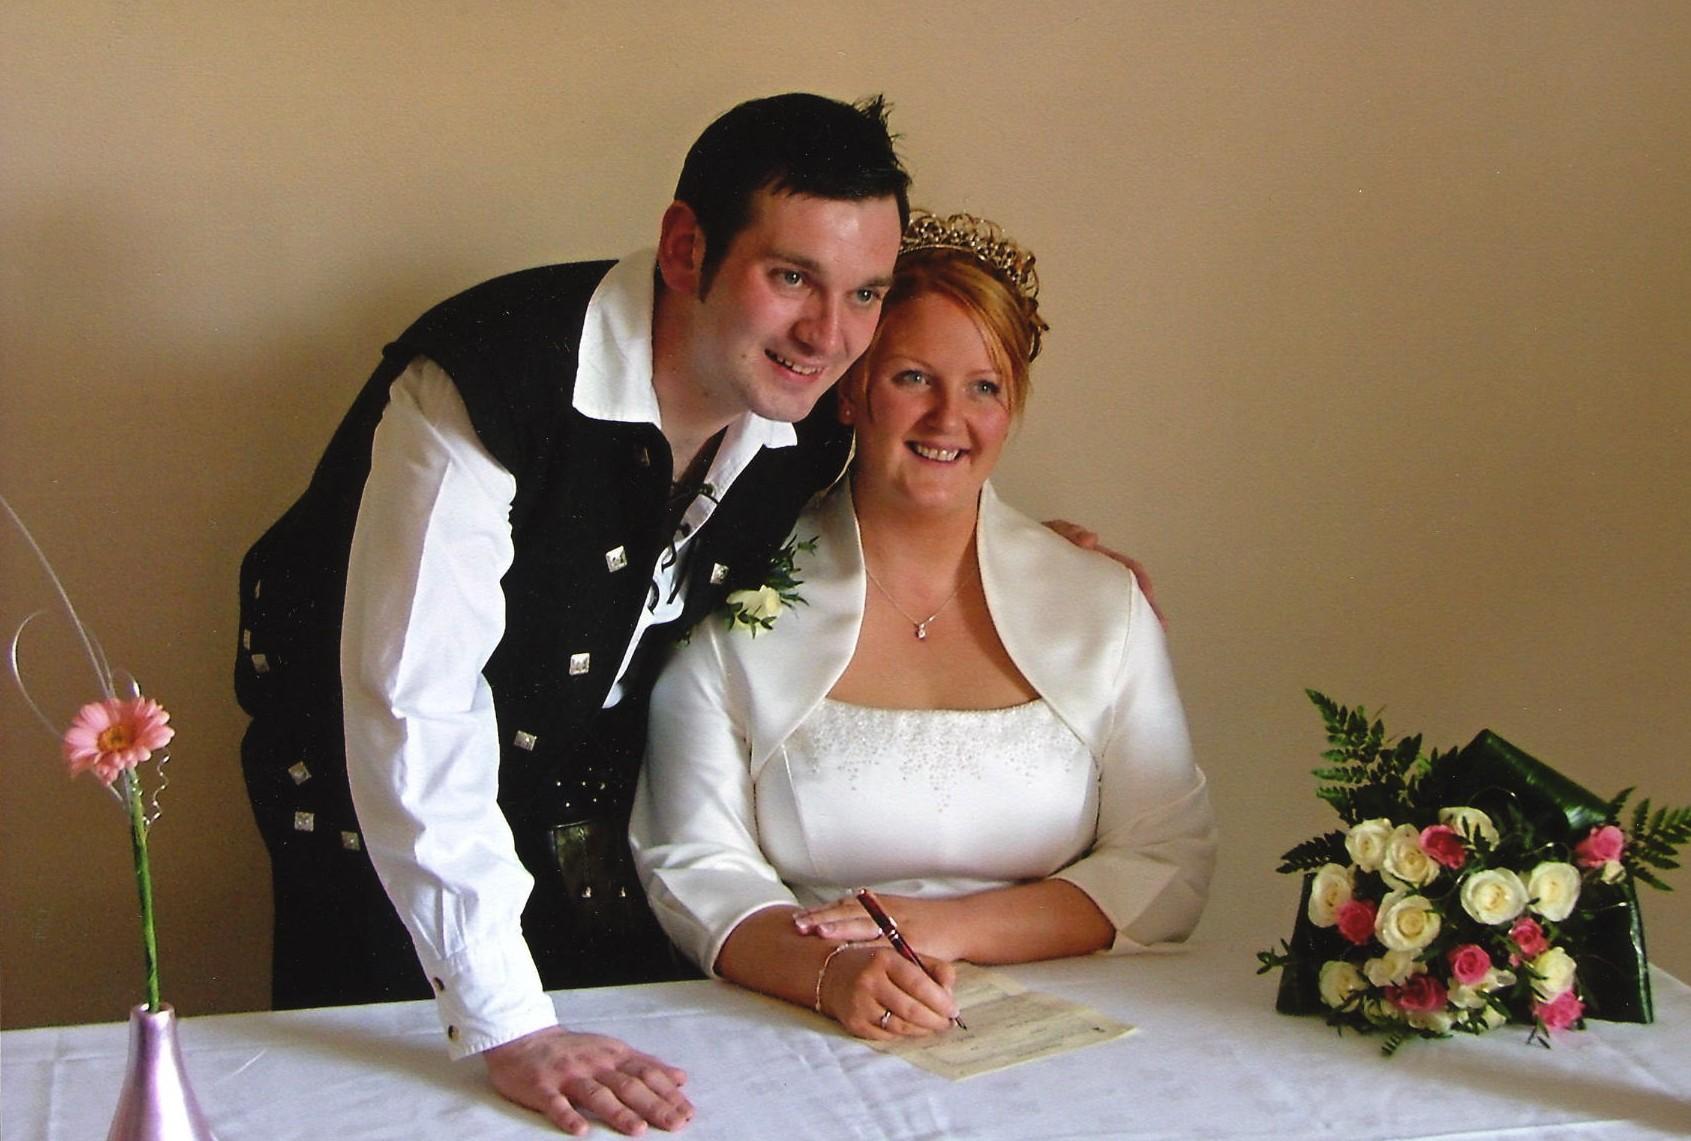 Stewart MacCallum & Ann Marie Sheilds Wedding